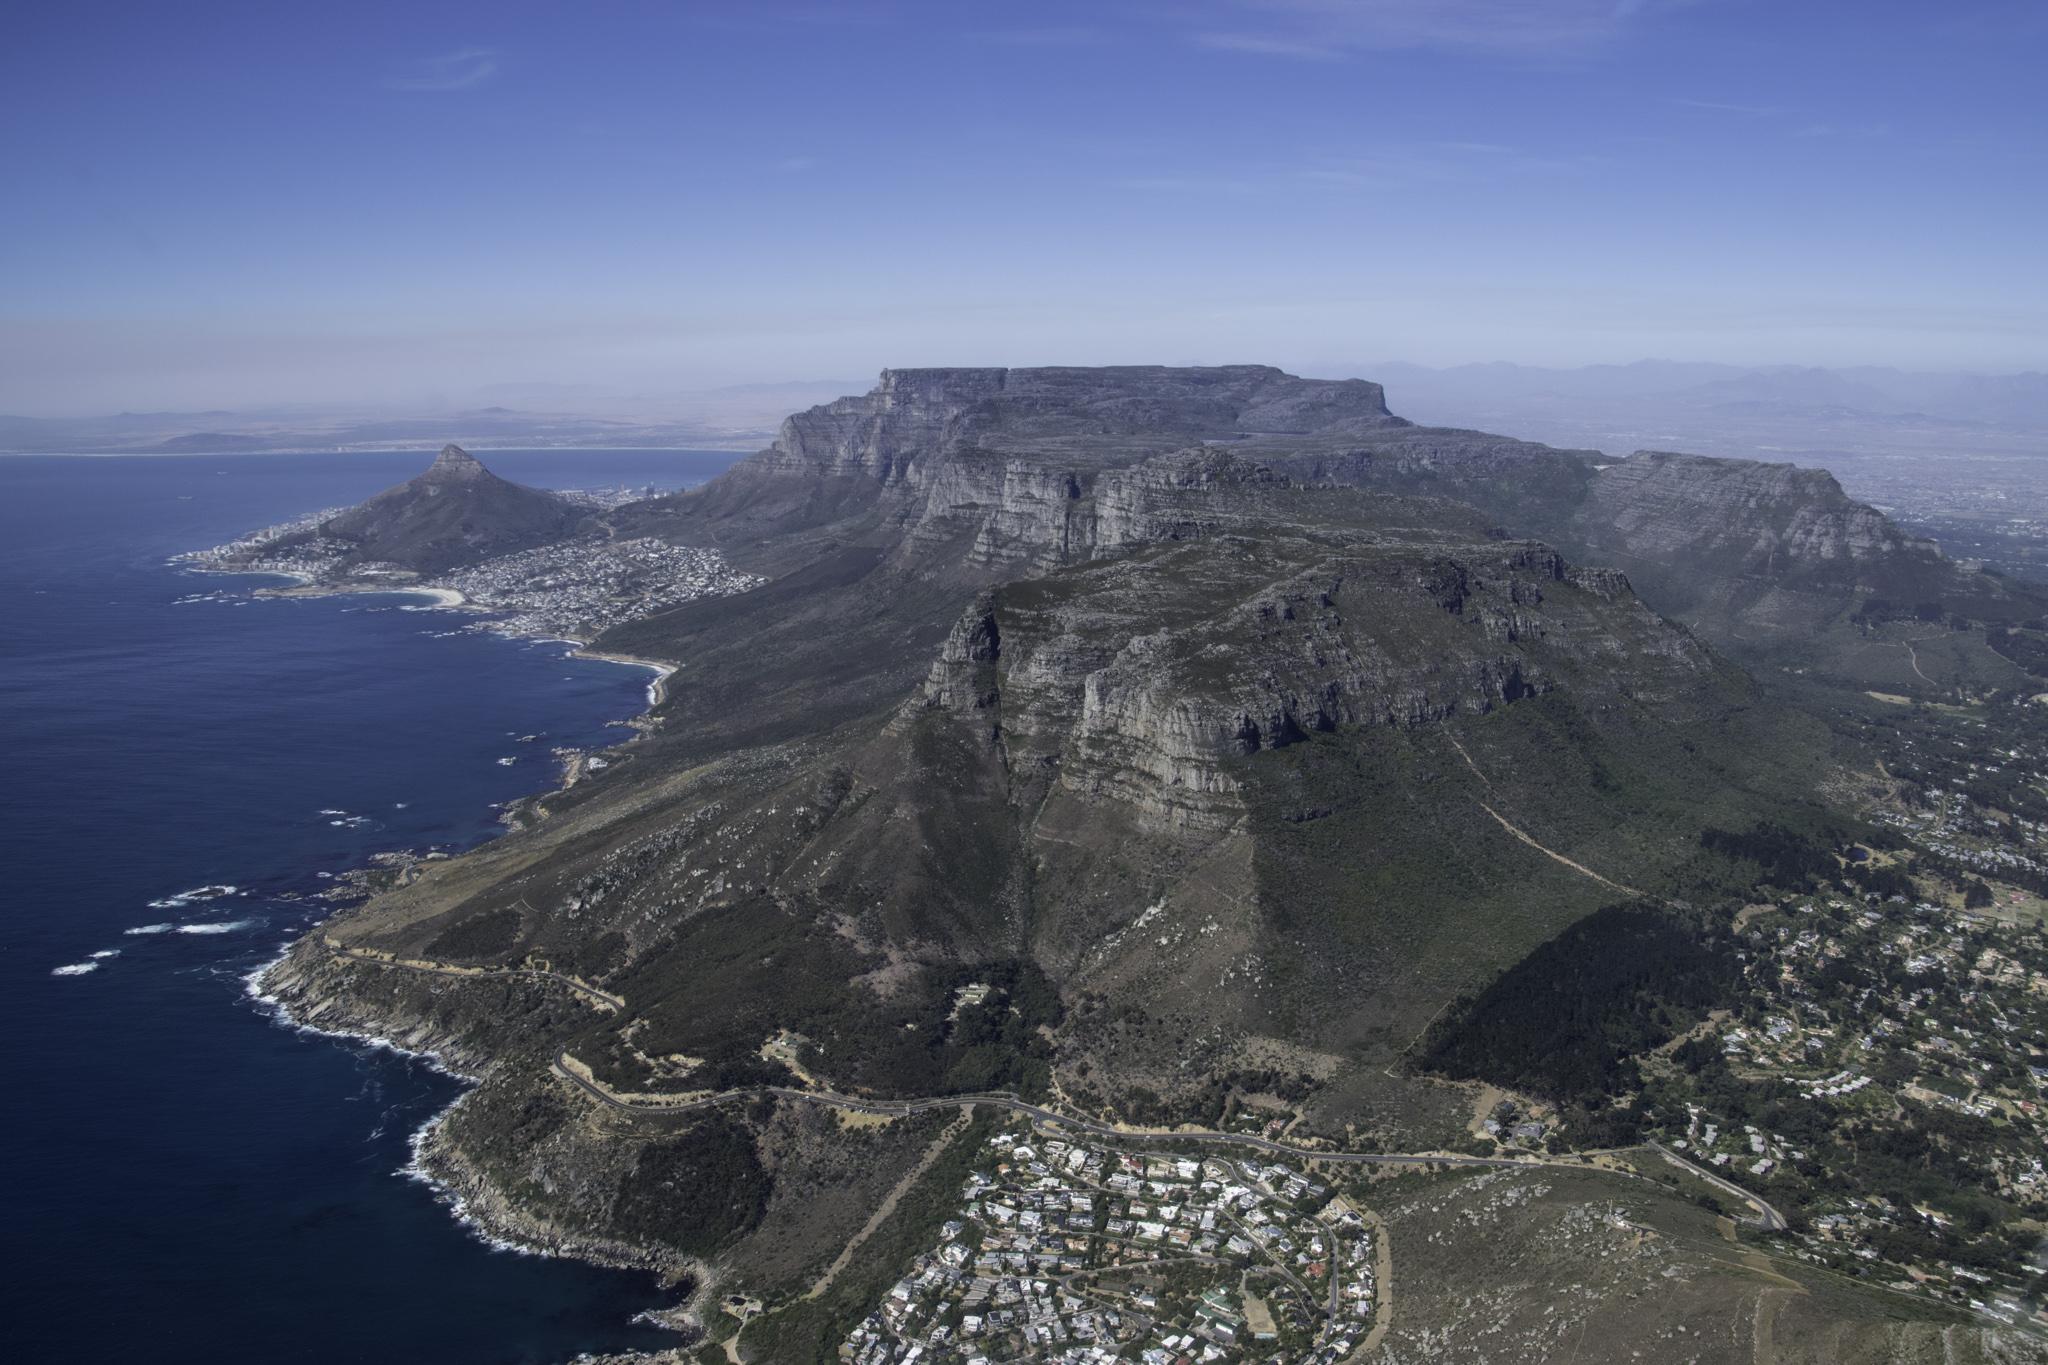 Der Tafelberg aus einer anderen Perspektive